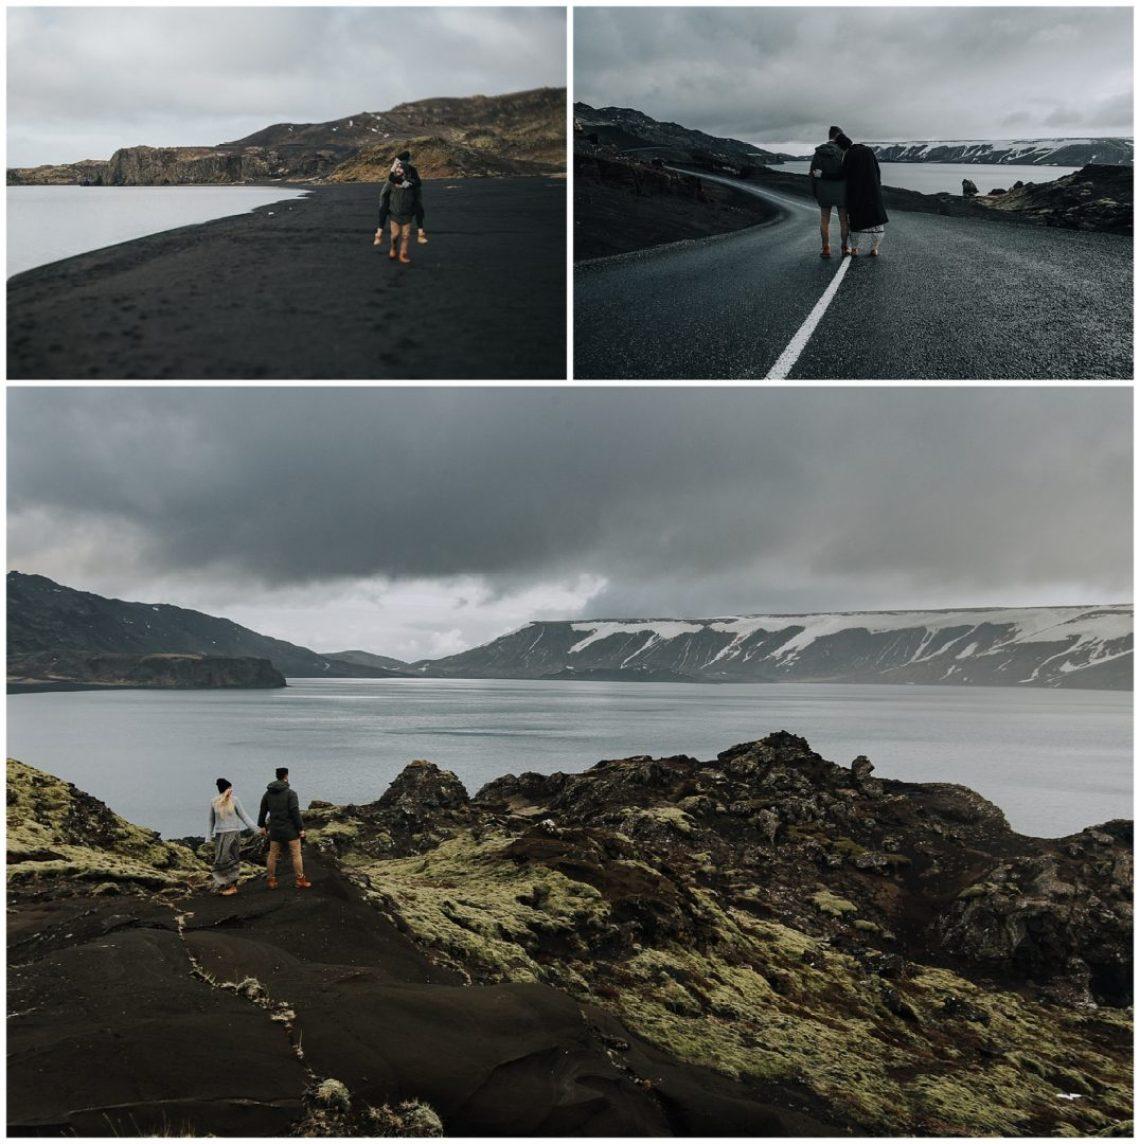 Islandia - czyli jak potrafią spełnić się marzenia...